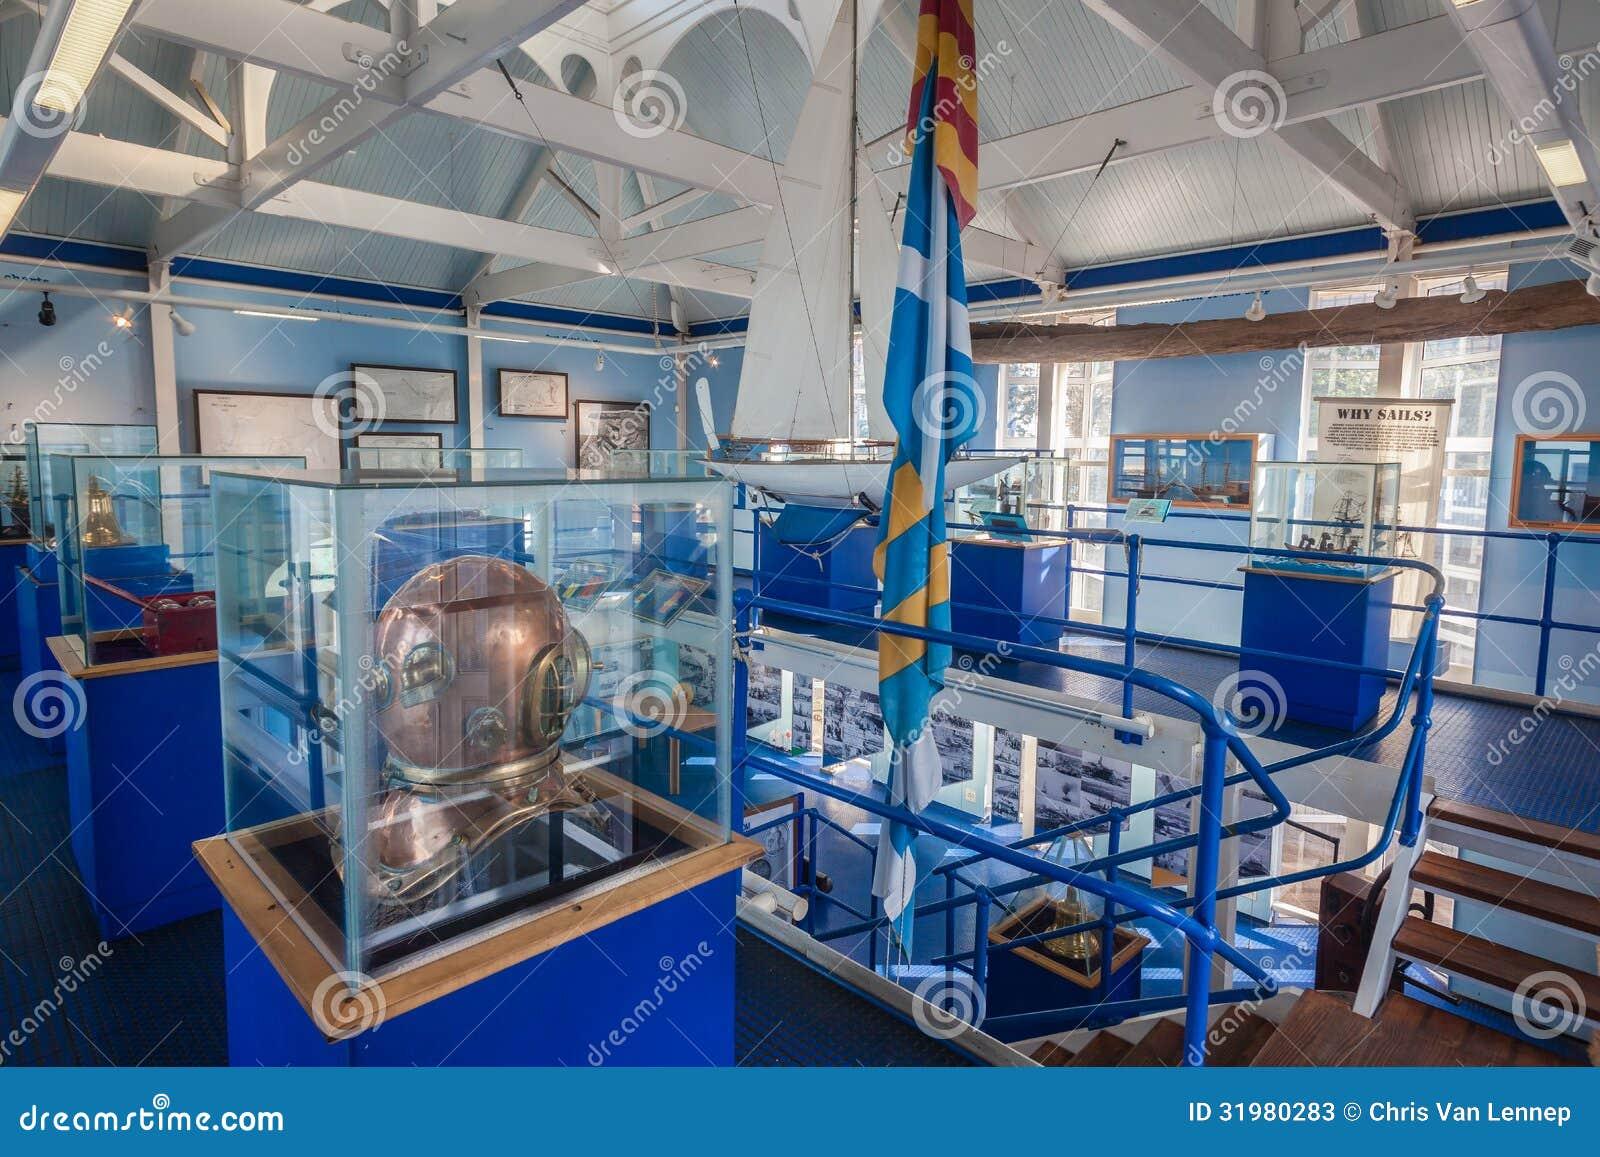 Maritime Meseum Equipment Details Editorial Stock Photo ...